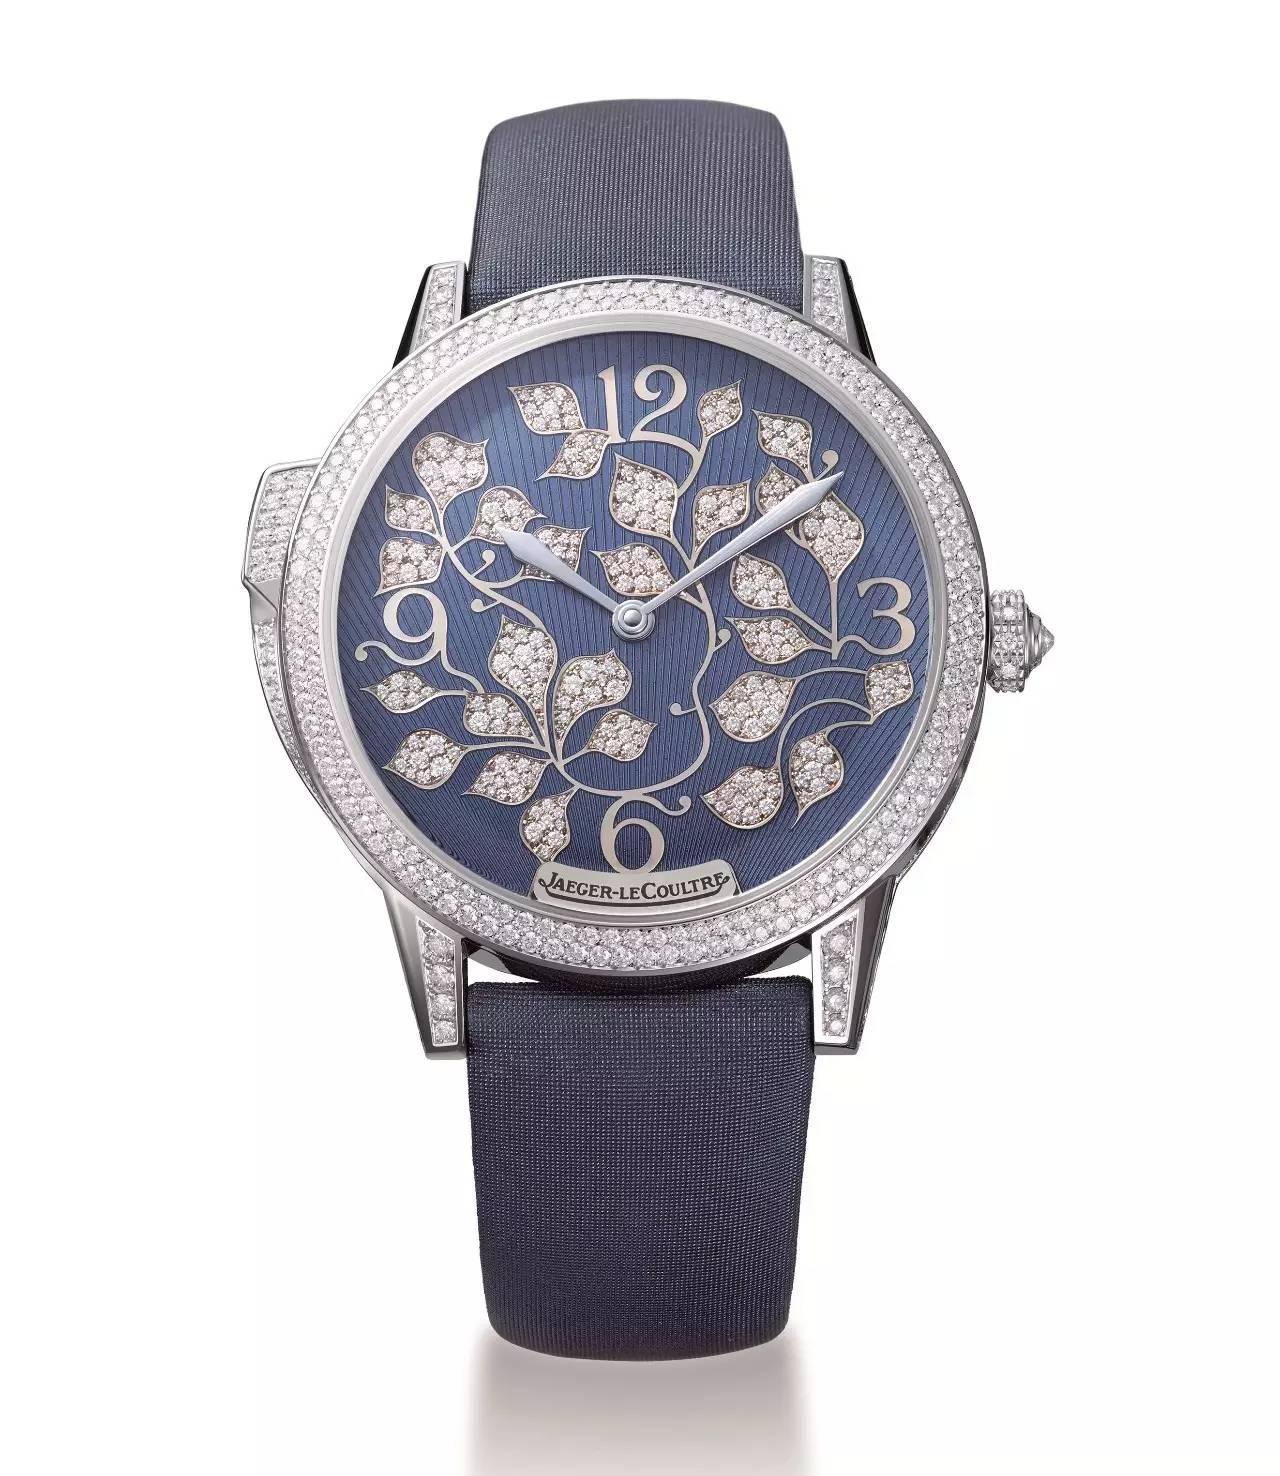 腕表 | 复杂功能女表,用强大的内芯搭载智慧和美貌